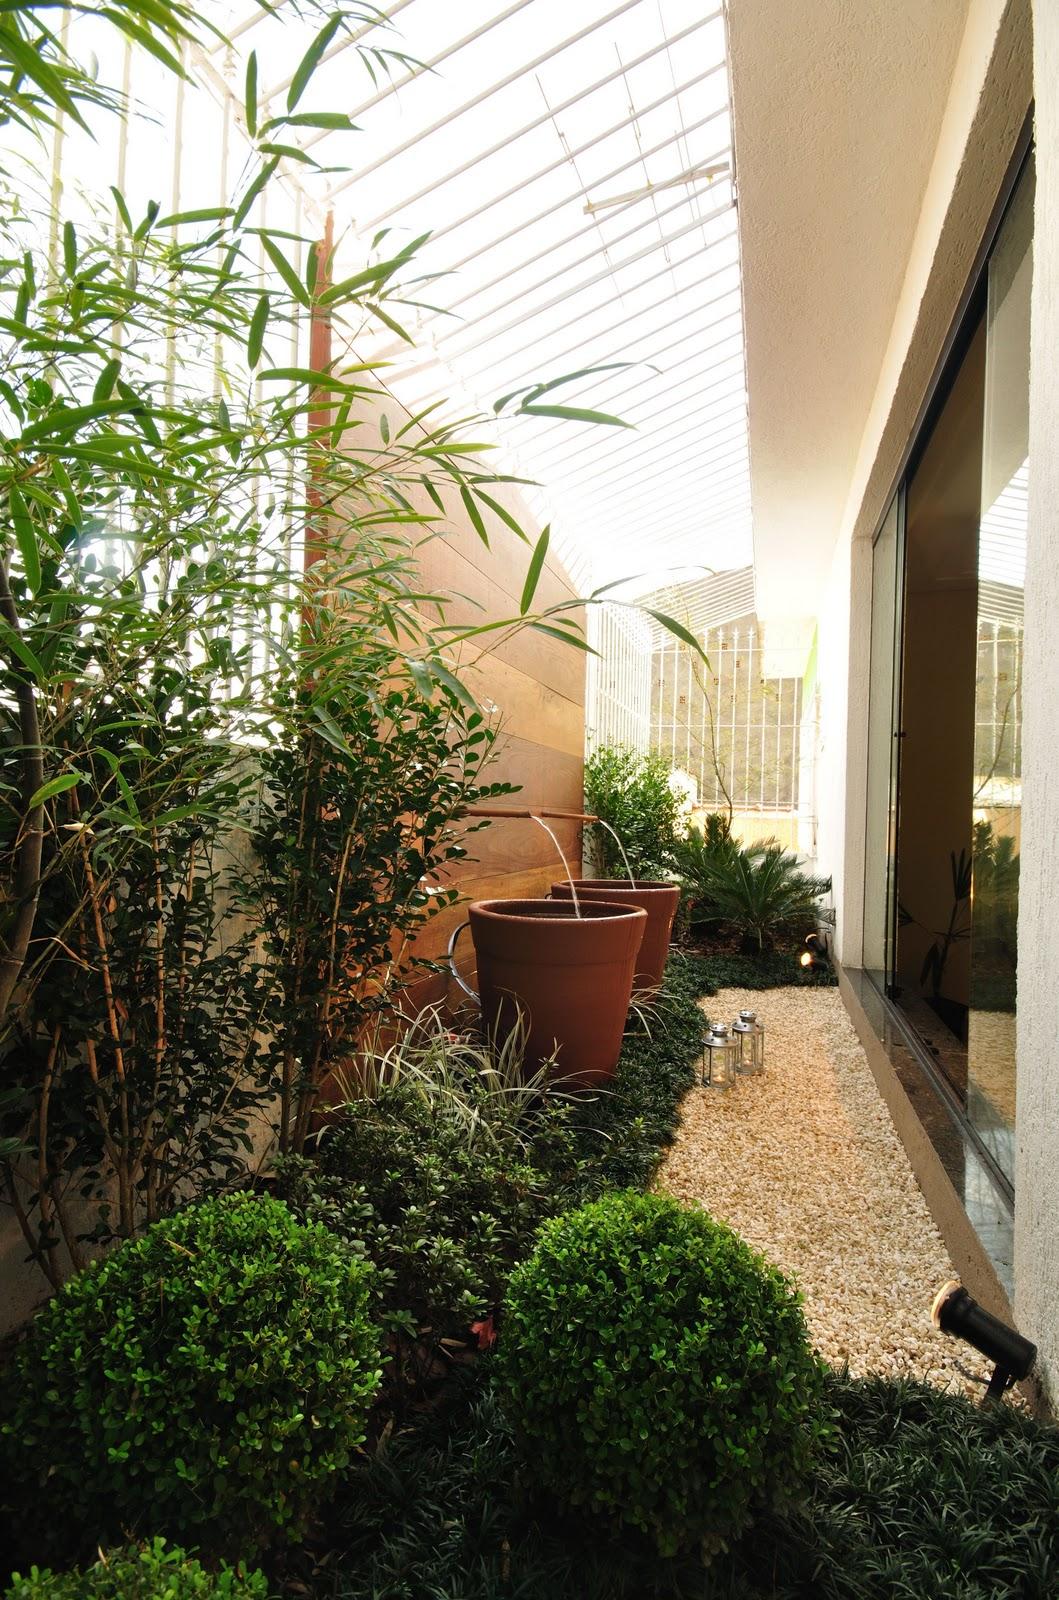 Entrerosaseprincesas: Inspiração: Jardim de inverno #46641A 1059 1600